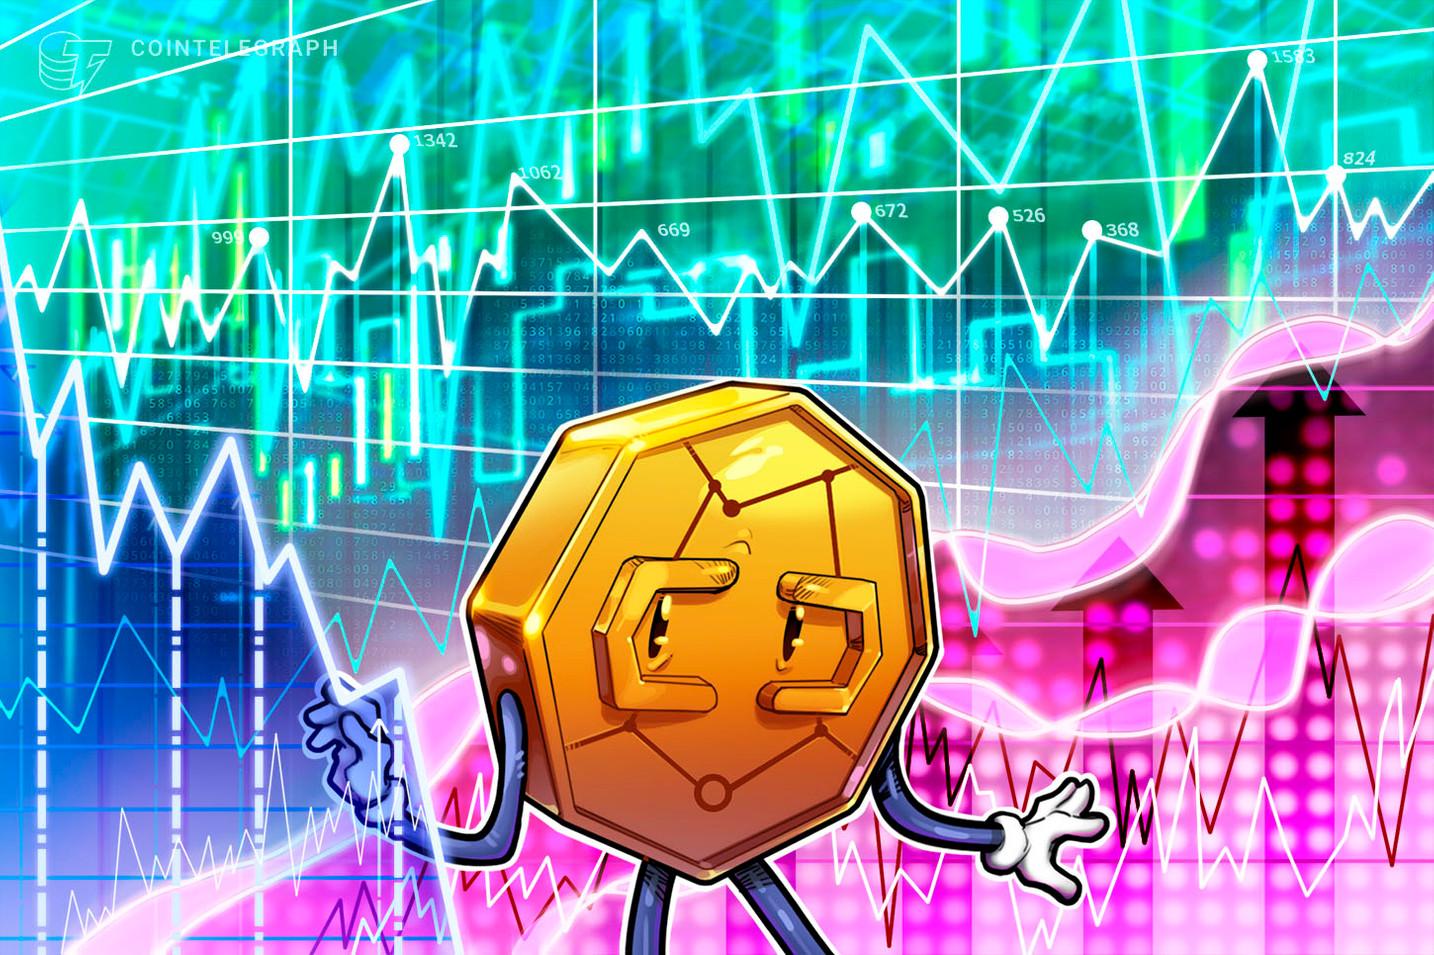 Bitcoin and US Stock Market Both See Minor Losses